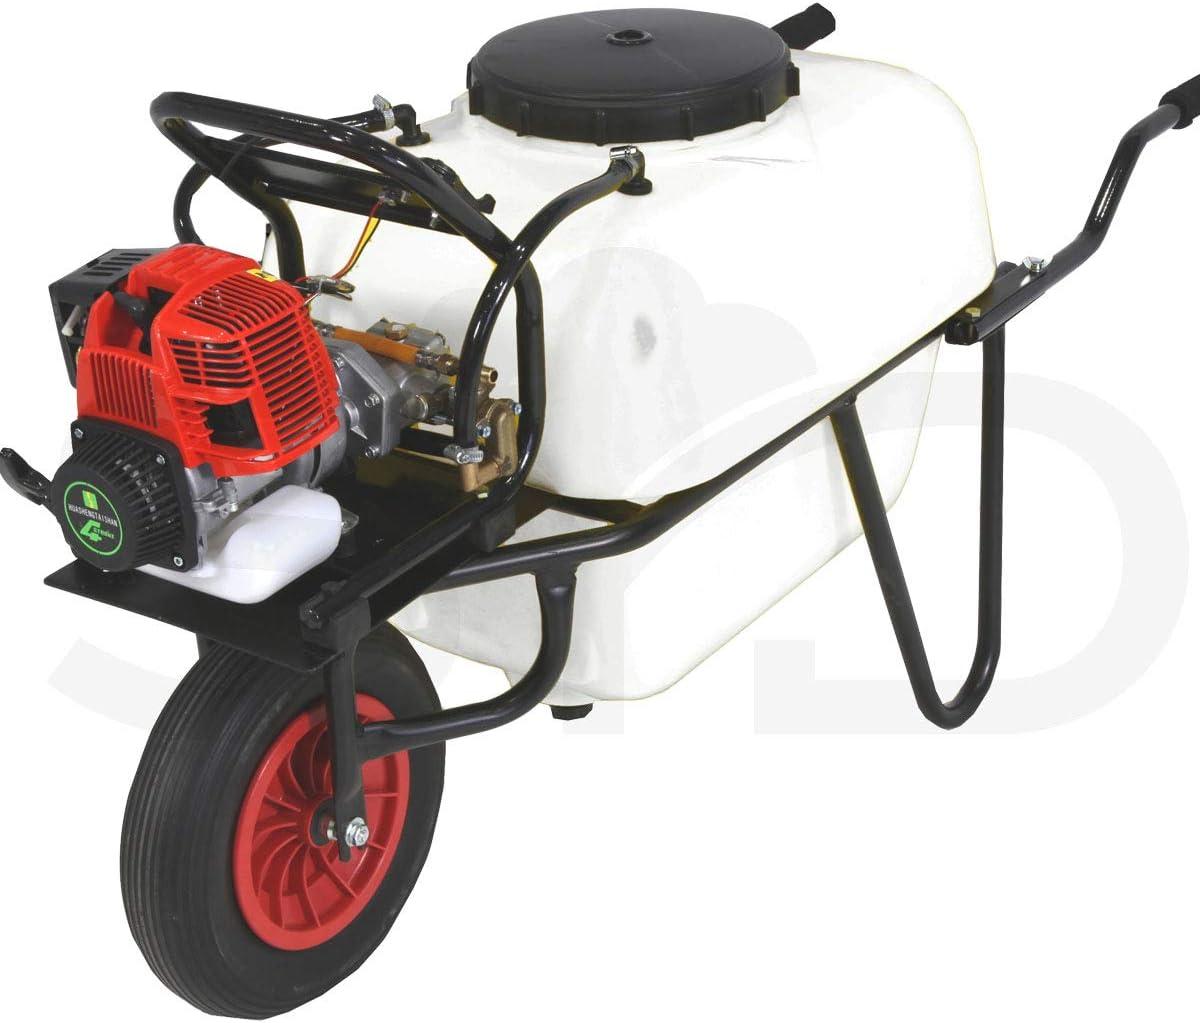 Carretilla 100l para fumigar. Motor 4 tiempos 30bar 10ltr.